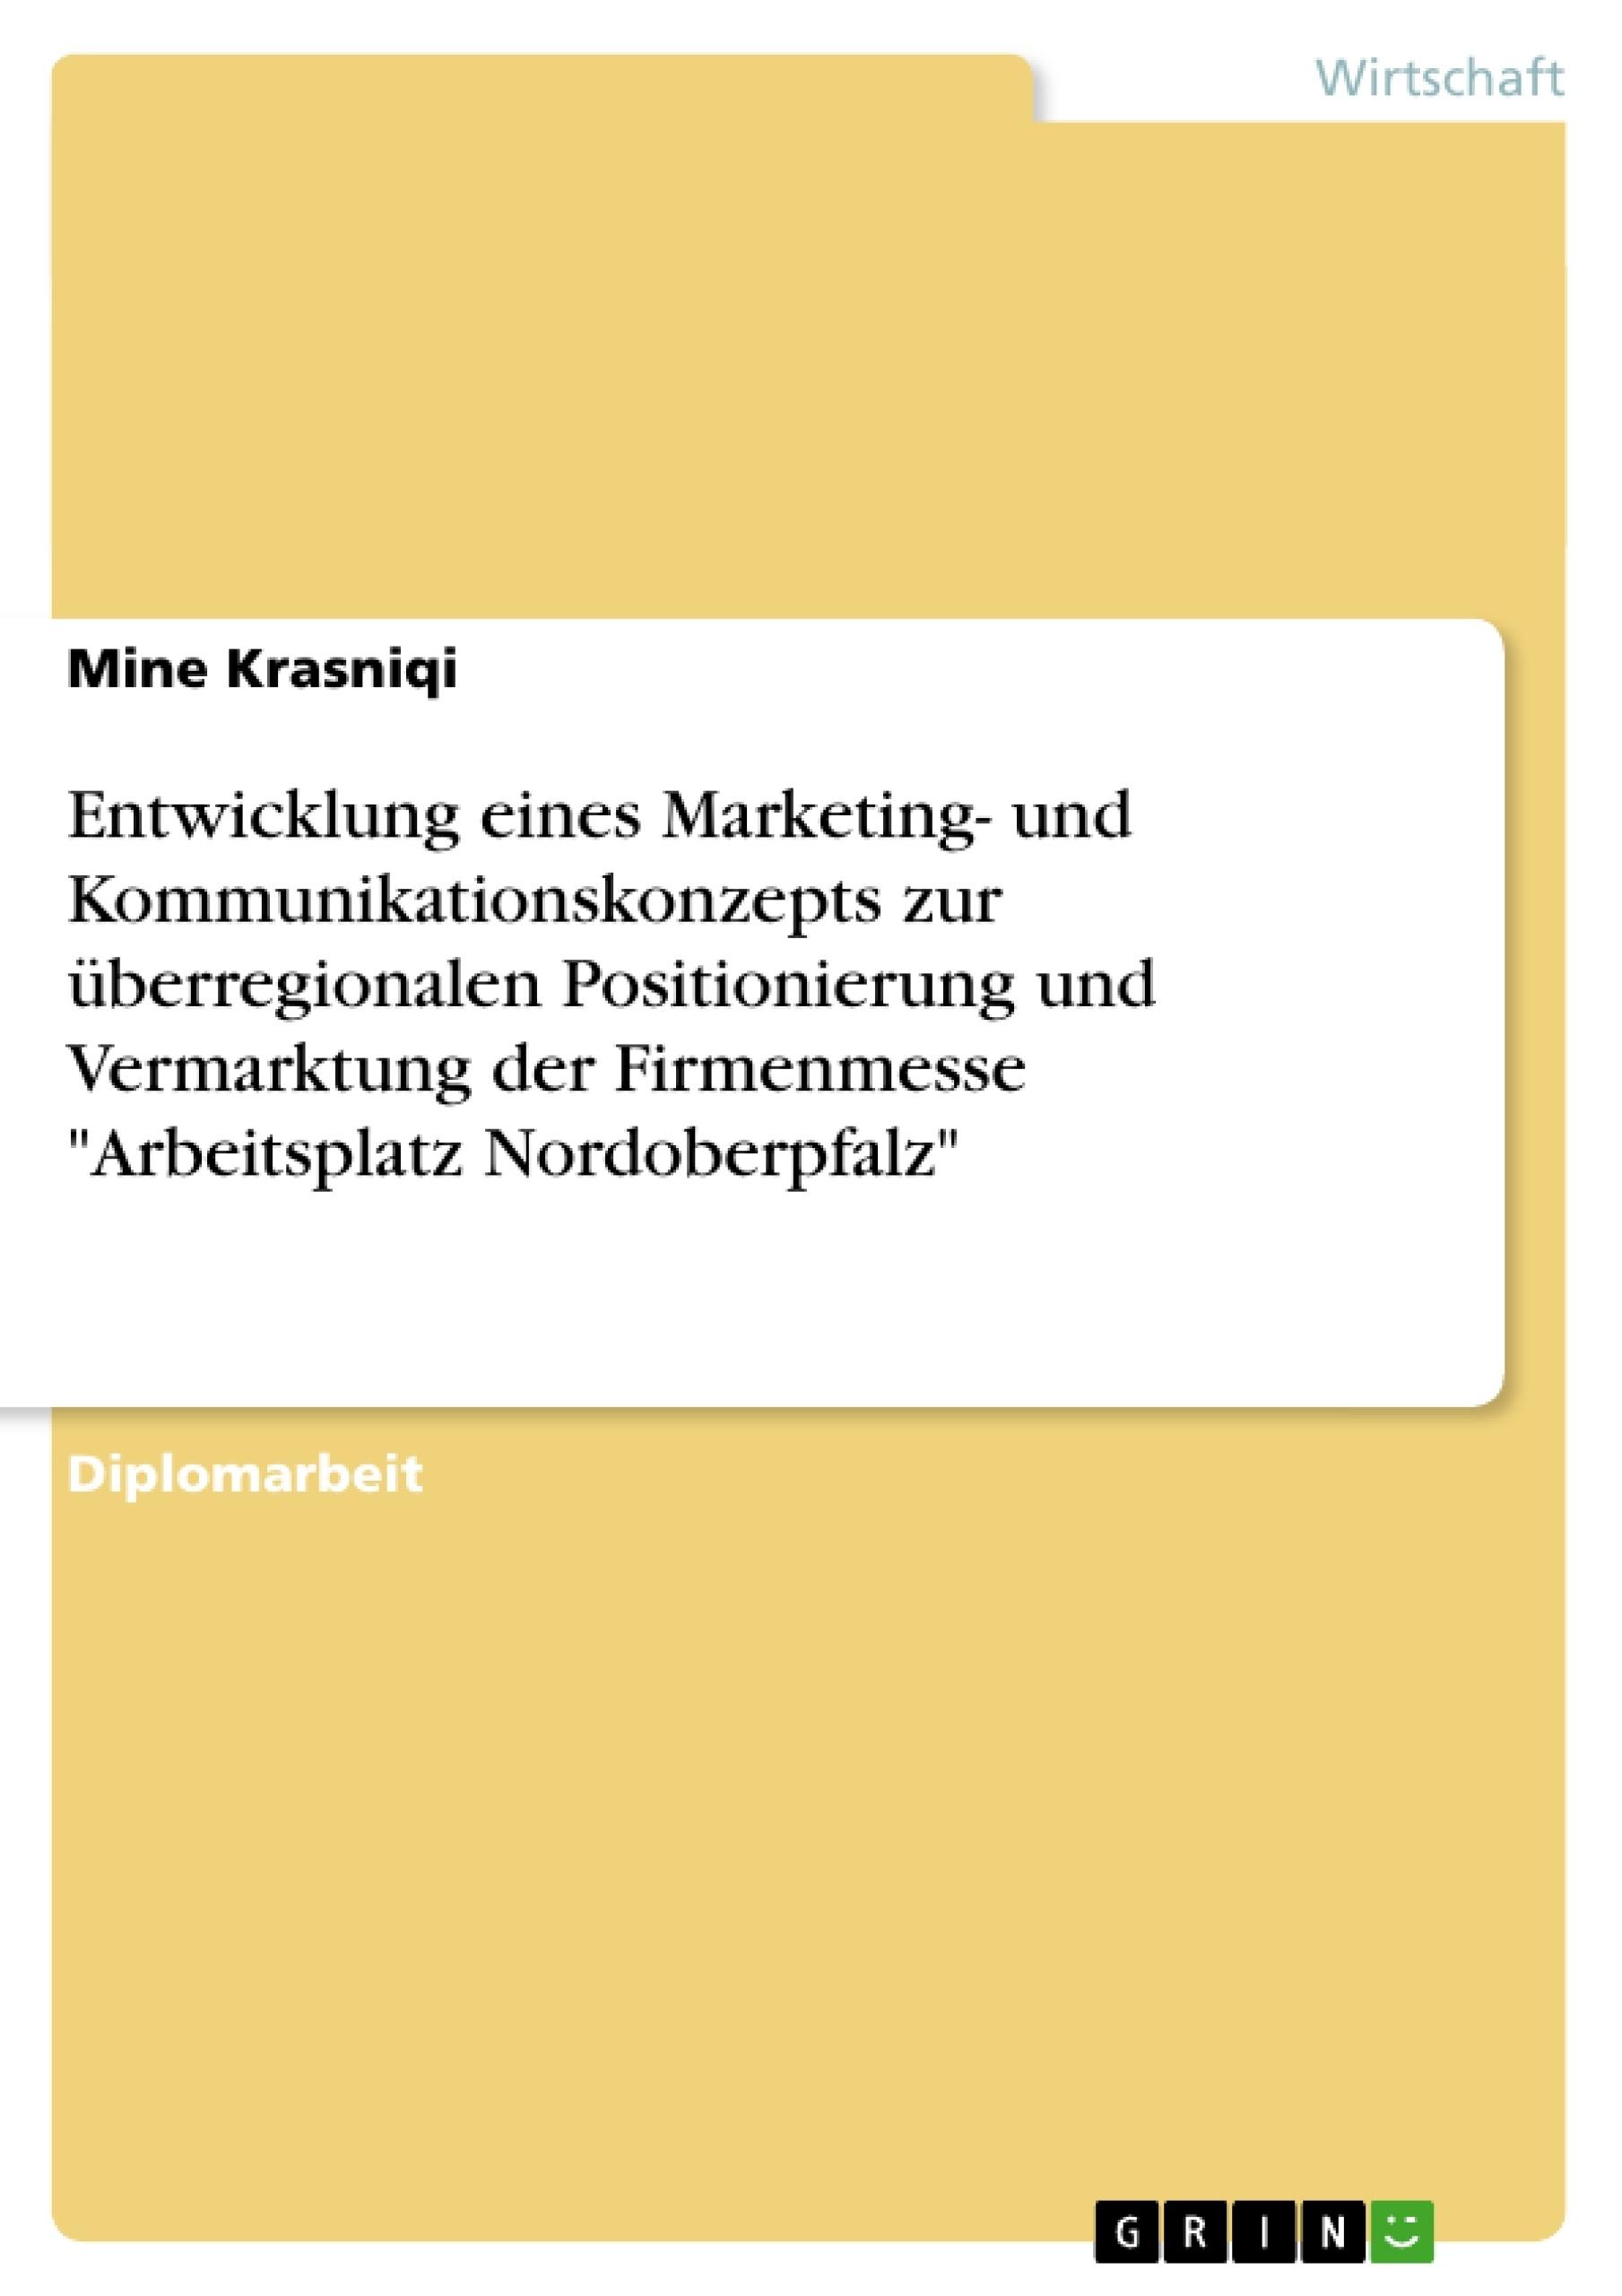 """Titel: Entwicklung eines Marketing- und Kommunikationskonzepts zur überregionalen Positionierung und Vermarktung der Firmenmesse """"Arbeitsplatz Nordoberpfalz"""""""